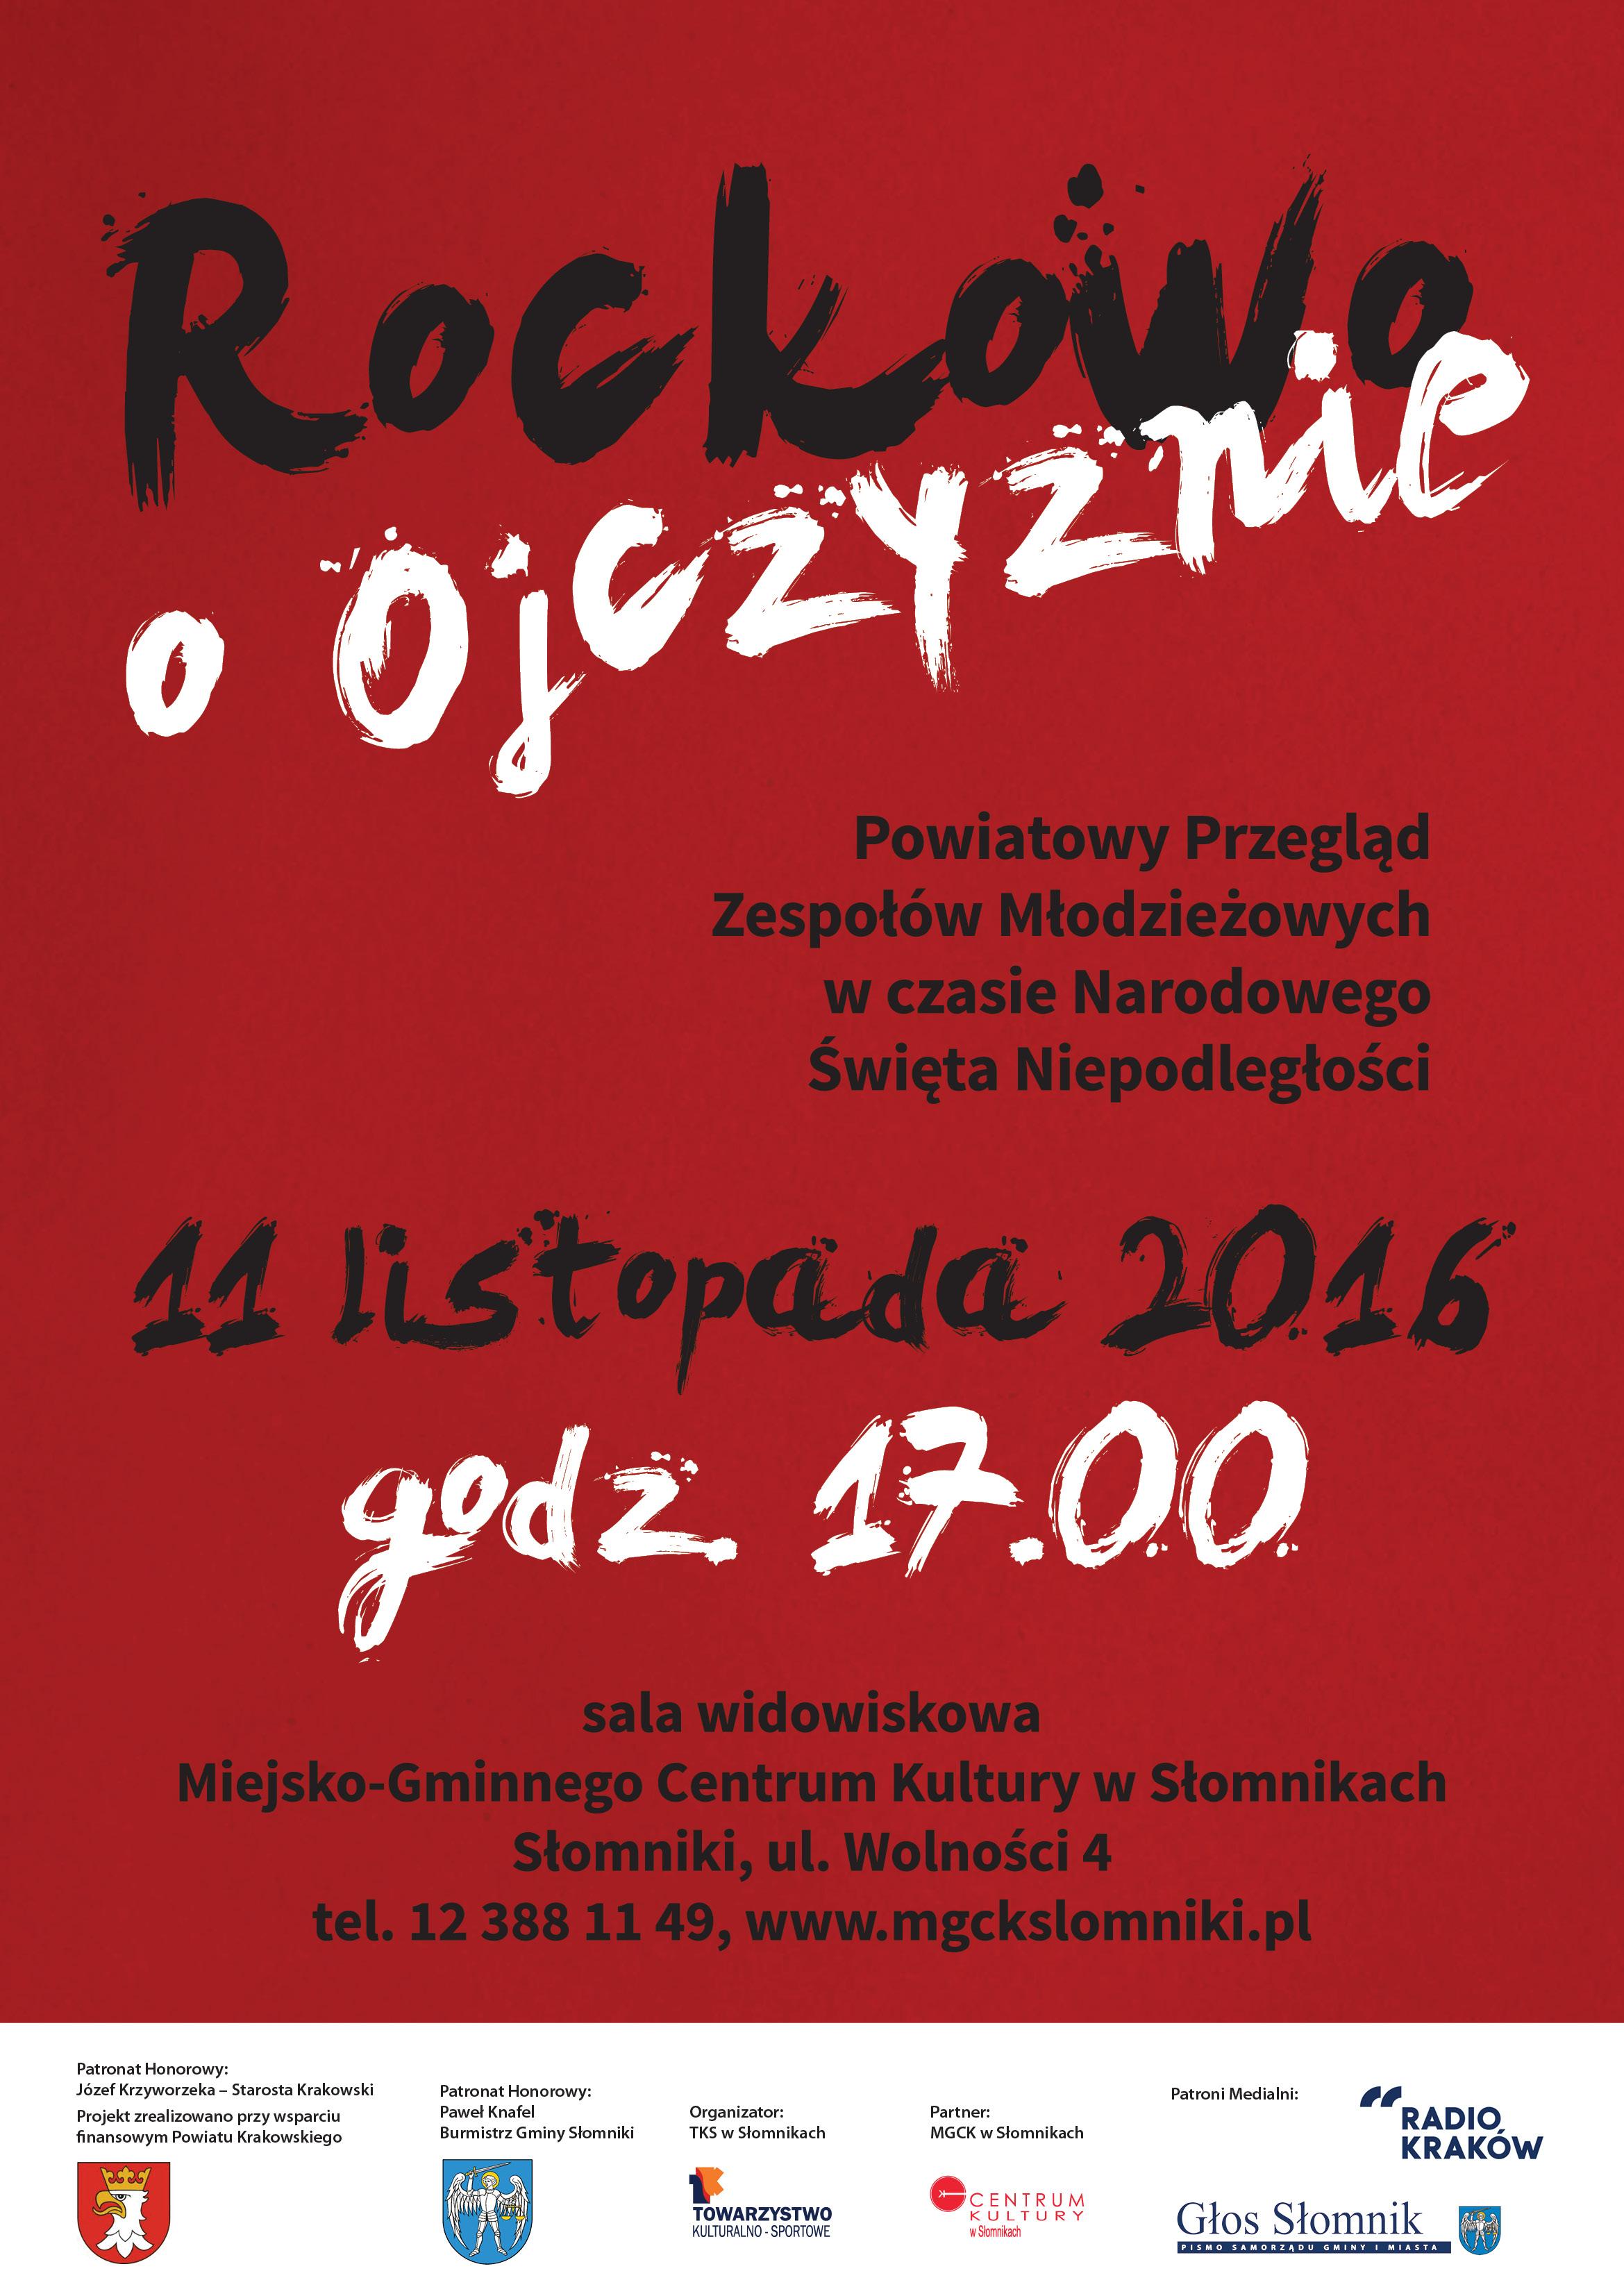 Przegląd Rockowo o Ojczyźnie @ Sala widowiskowa MGCK | Słomniki | małopolskie | Polska